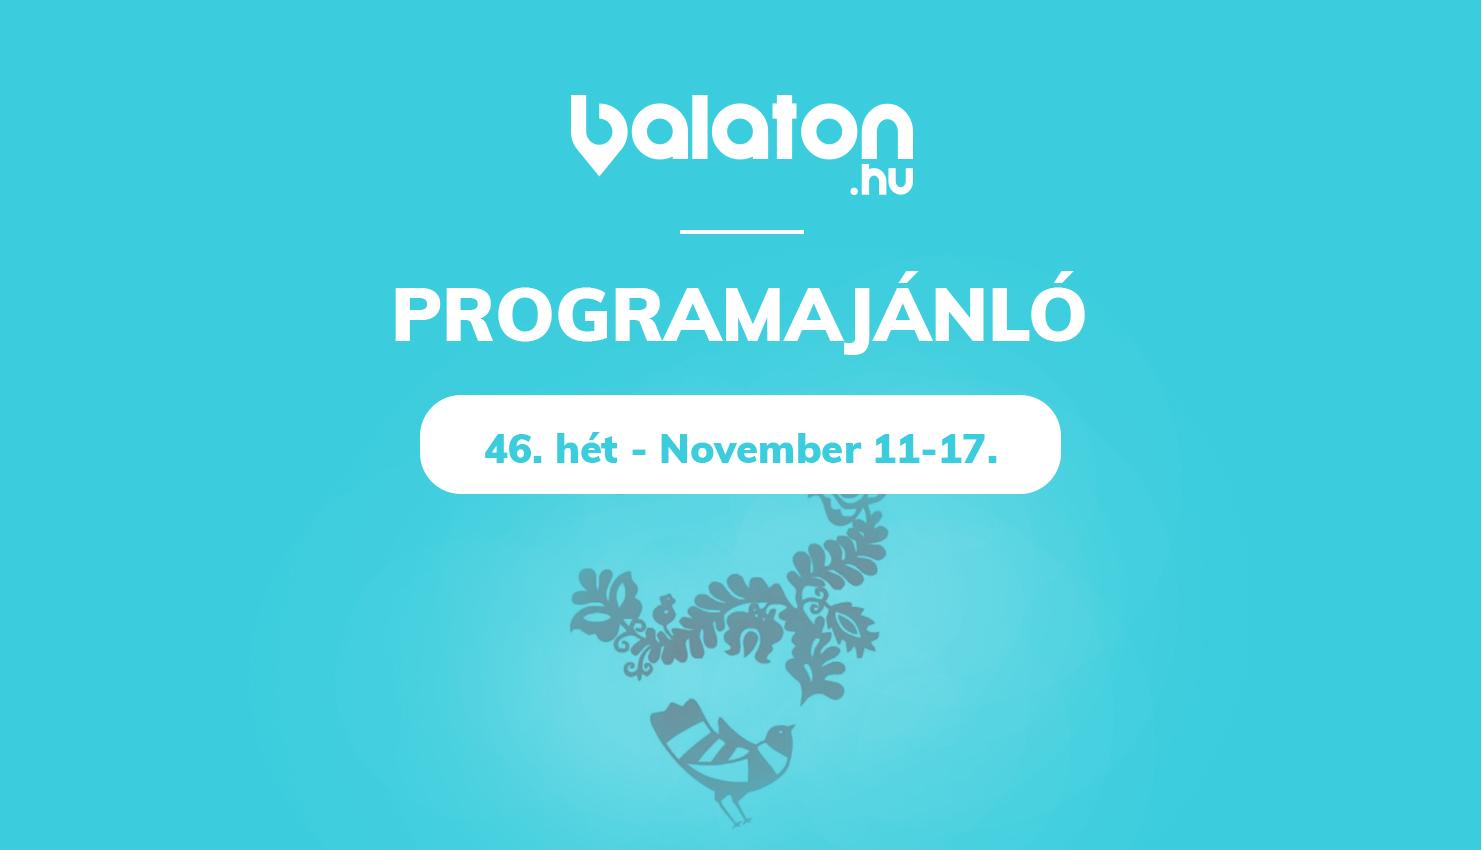 Heti programajánlónk – 46.hét / November 11 – 17.